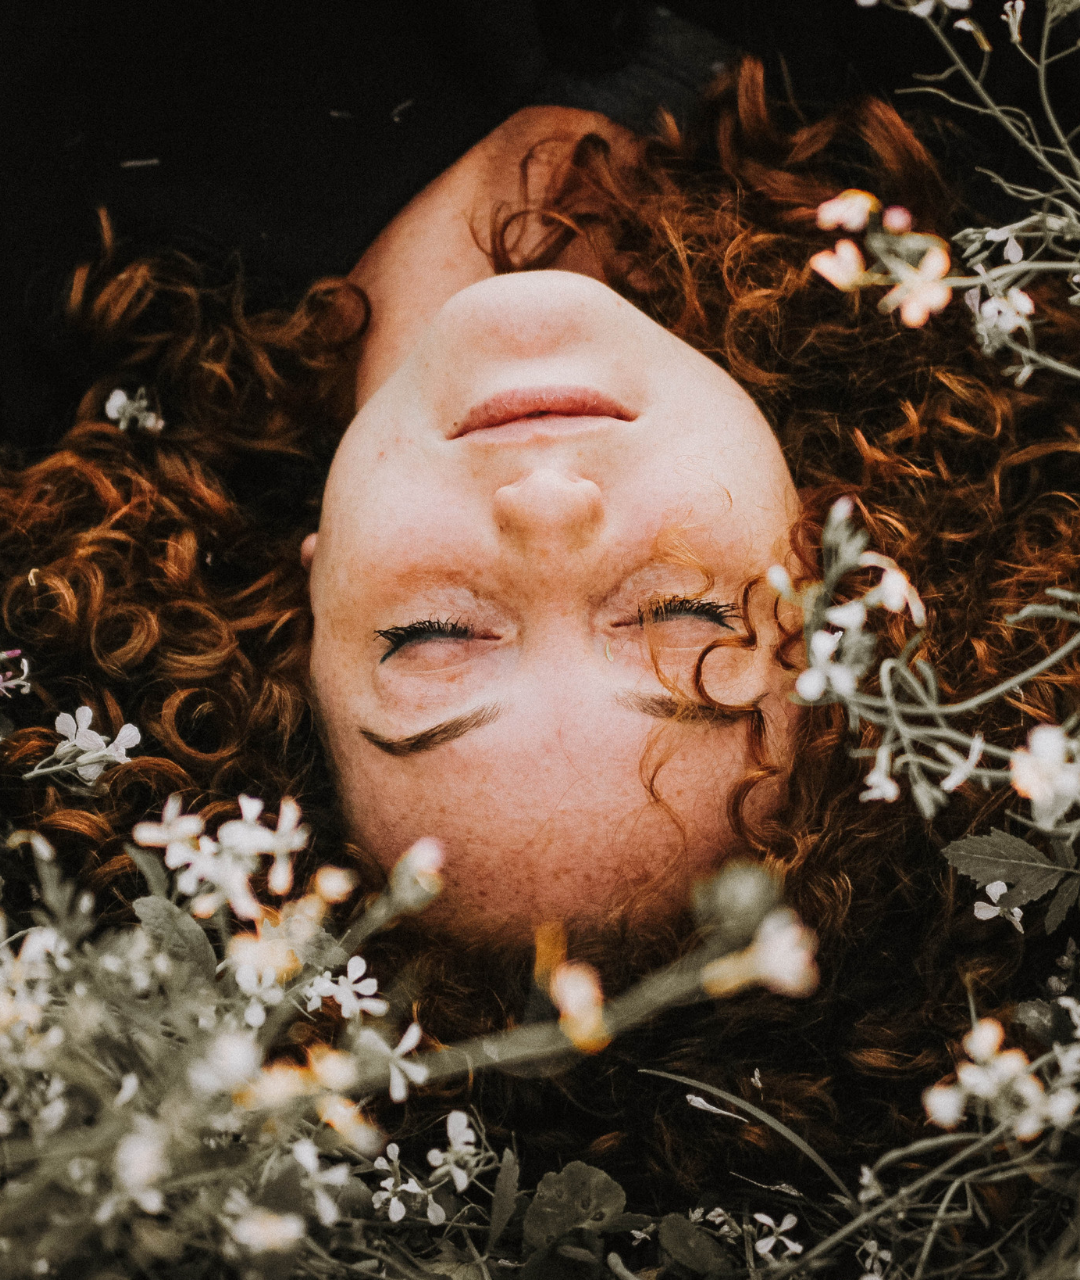 Luonnonkosmetiikasta löytyy parhaat tuotteet Curly Girl -metodiin